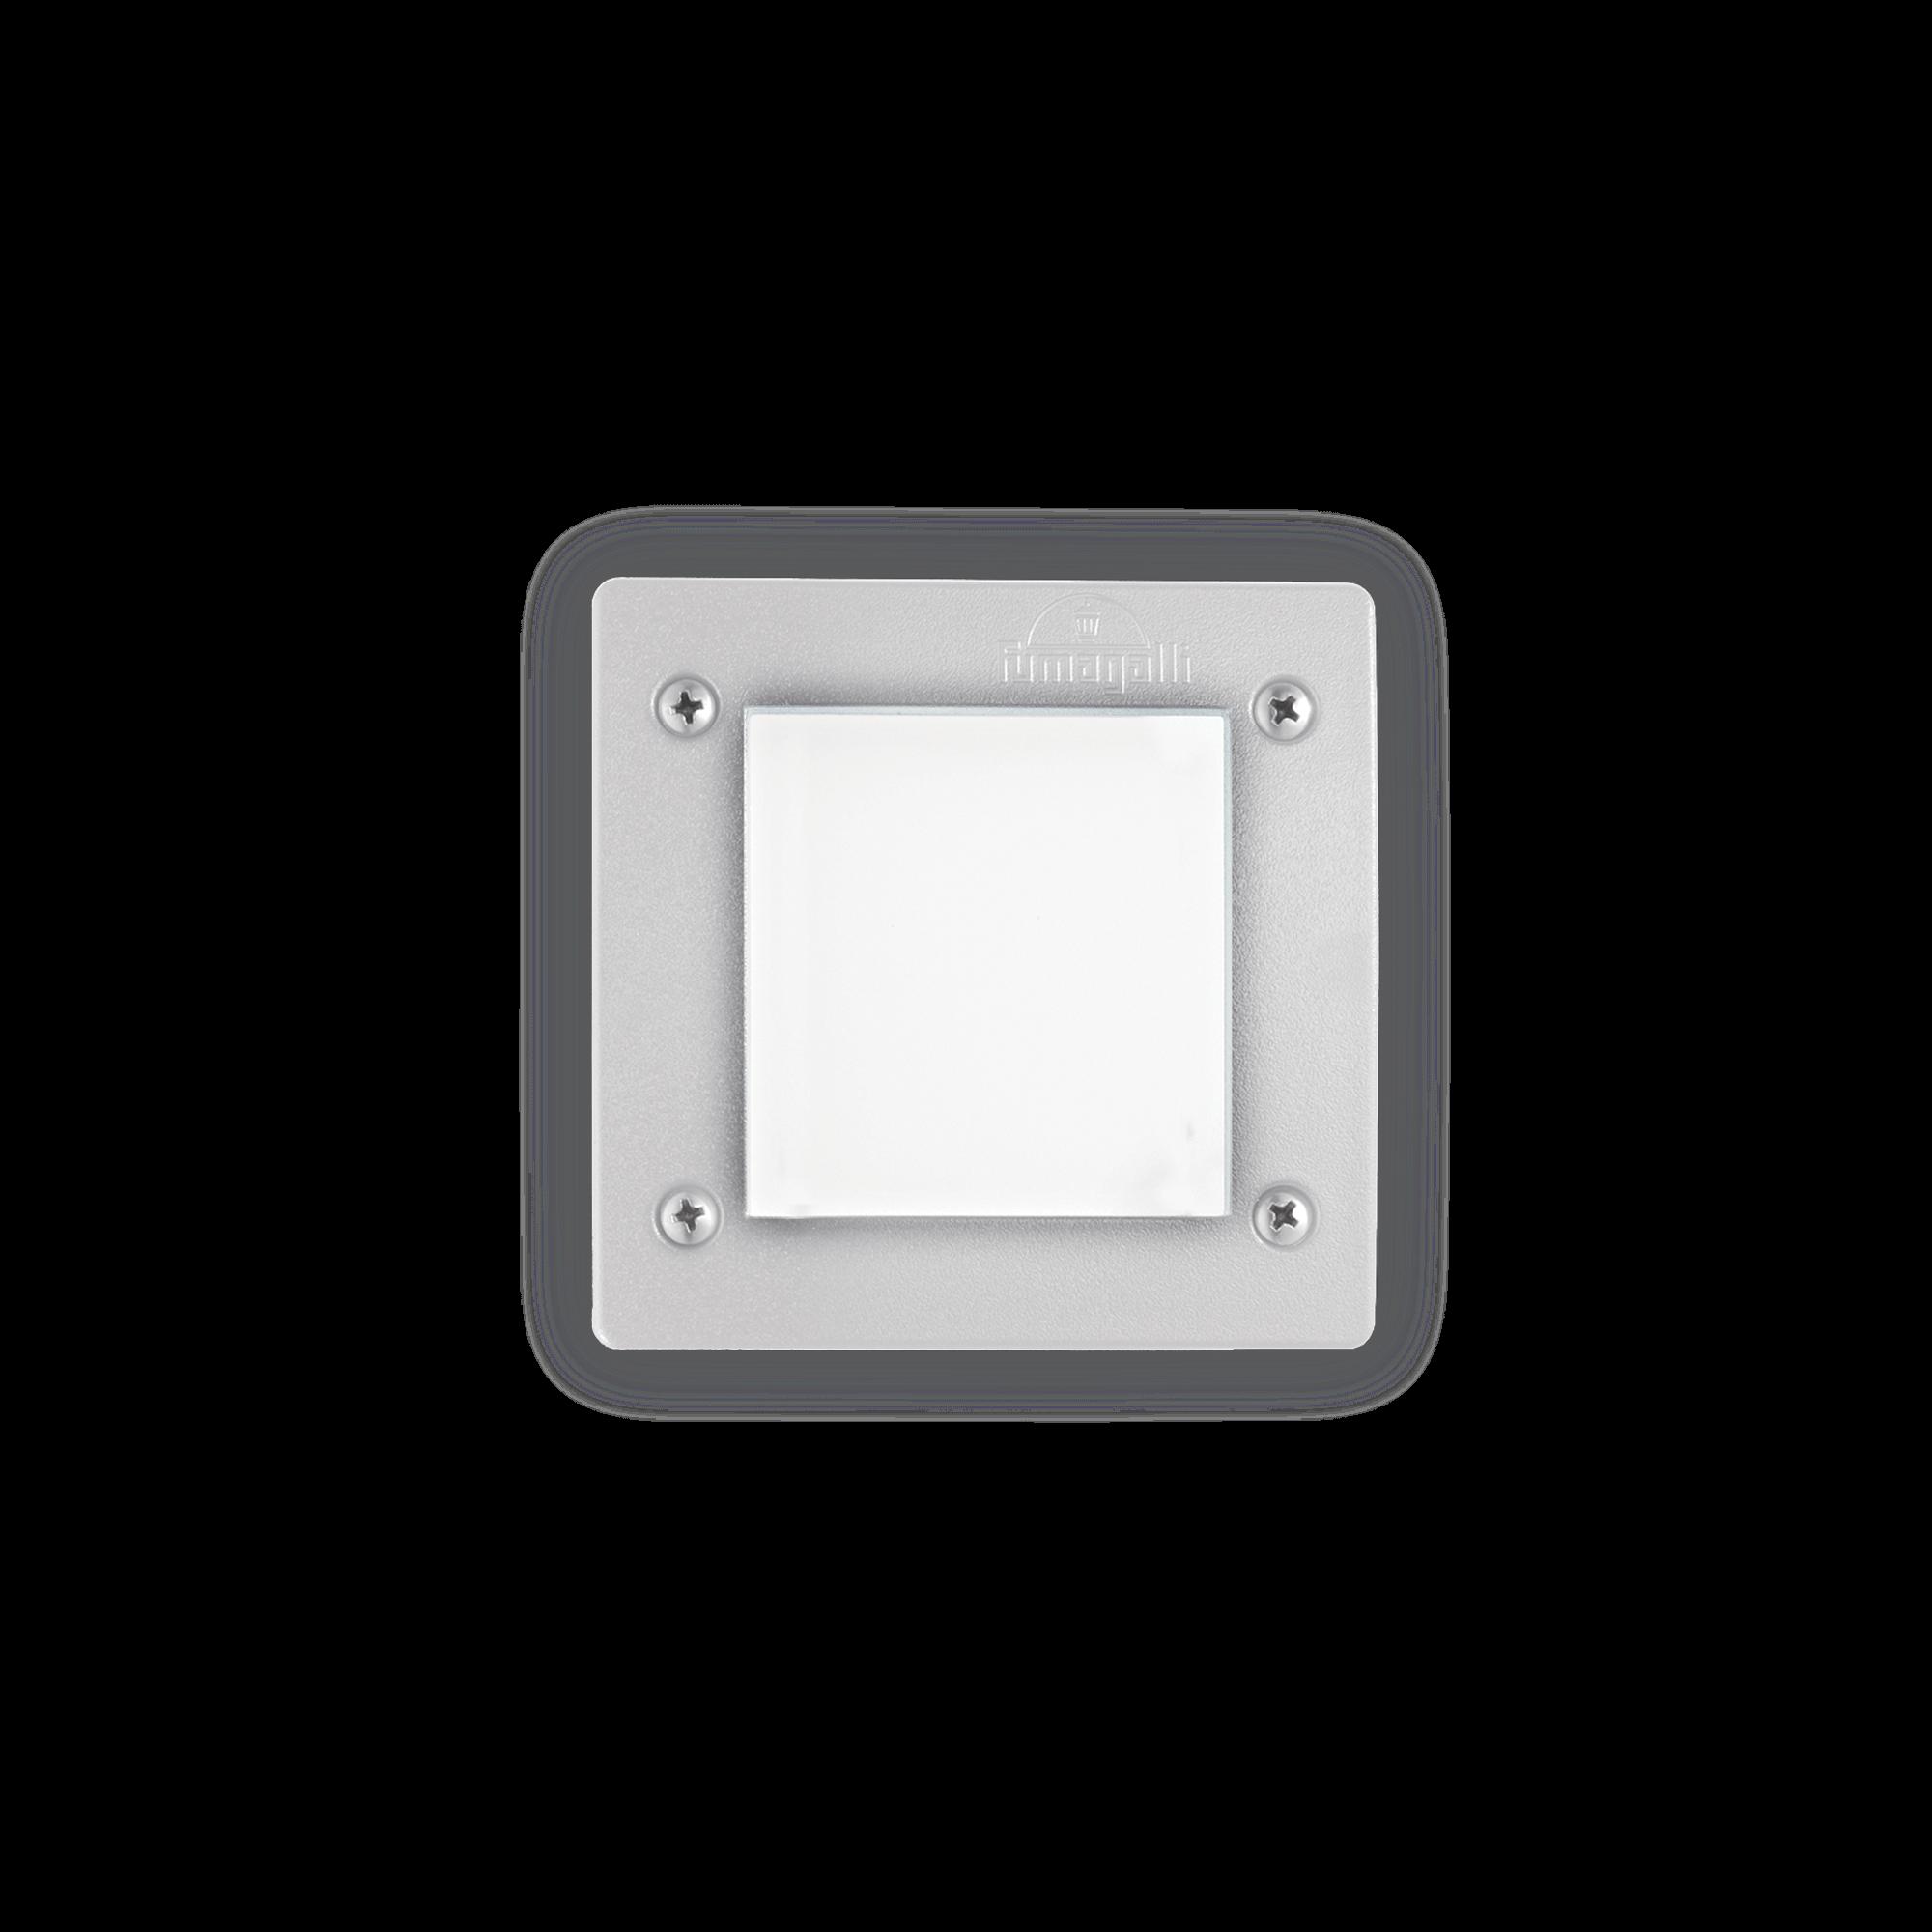 Exteriérové zápustné svítidlo Ideal lux 096575 LETI PT1 SQUARE BIANCO 1xGX53 23W 4000K IP66